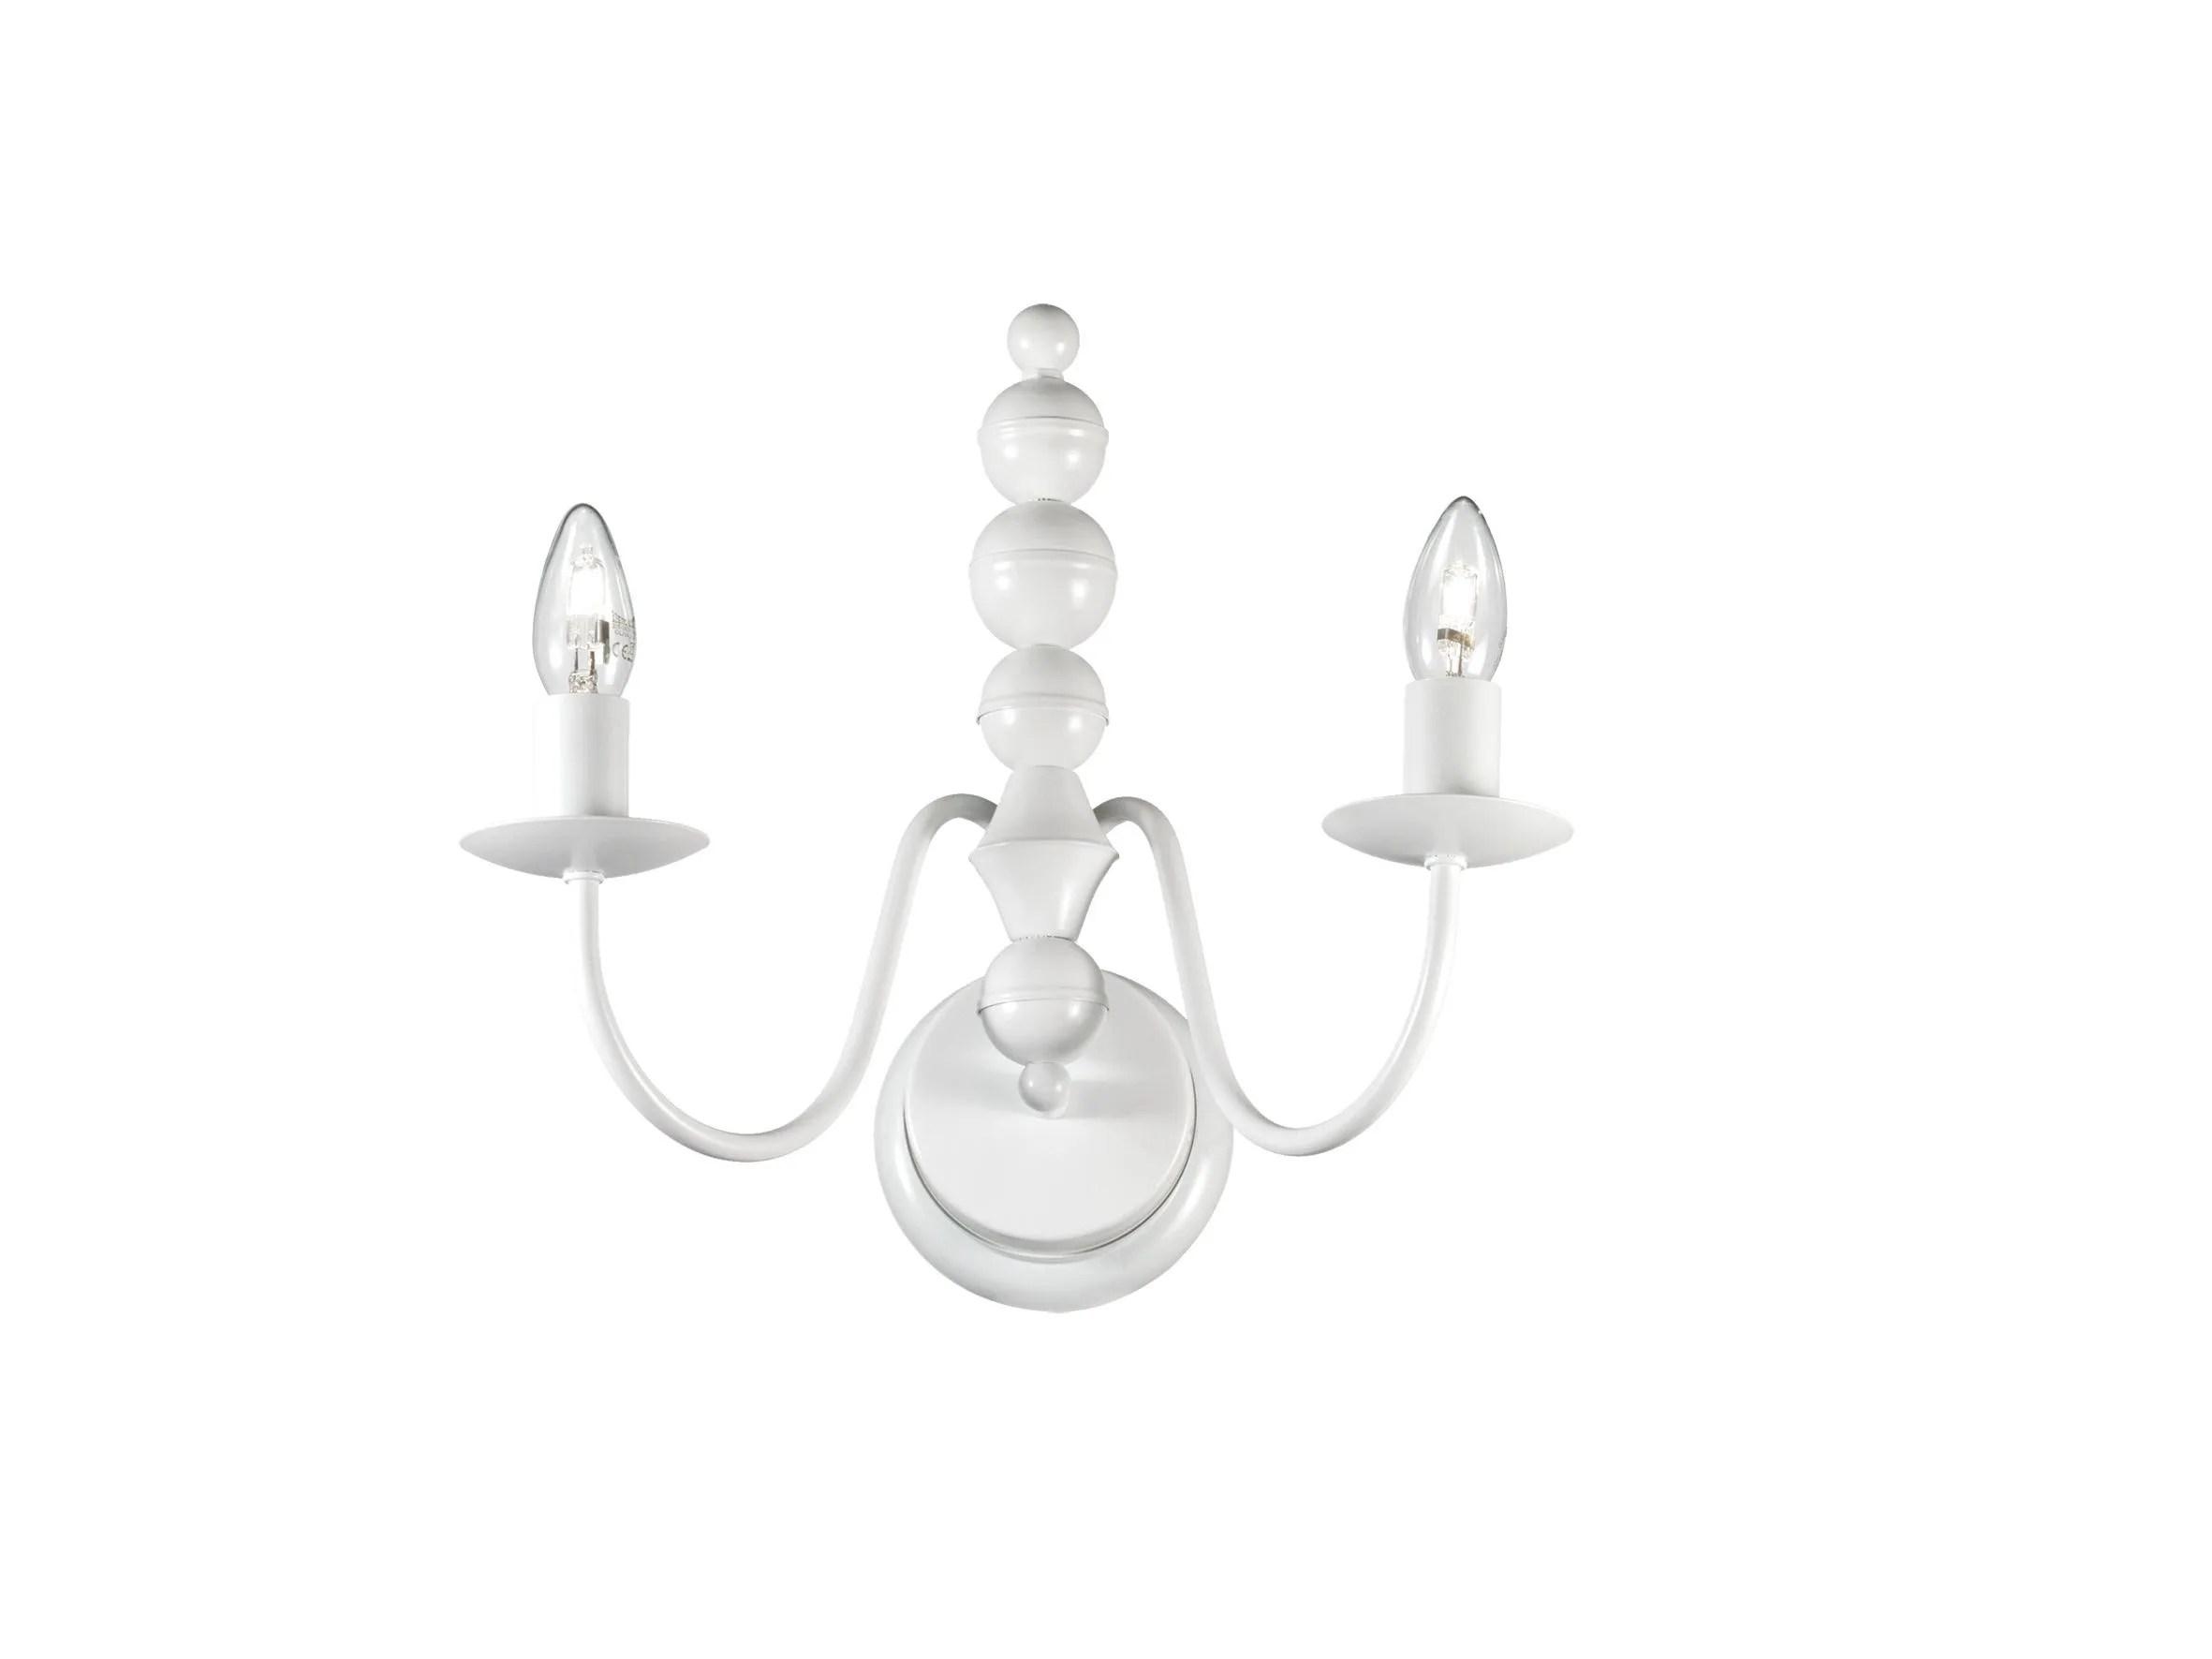 Lampade rossini ripamonti lampada da tavolo collezione ripamonti by